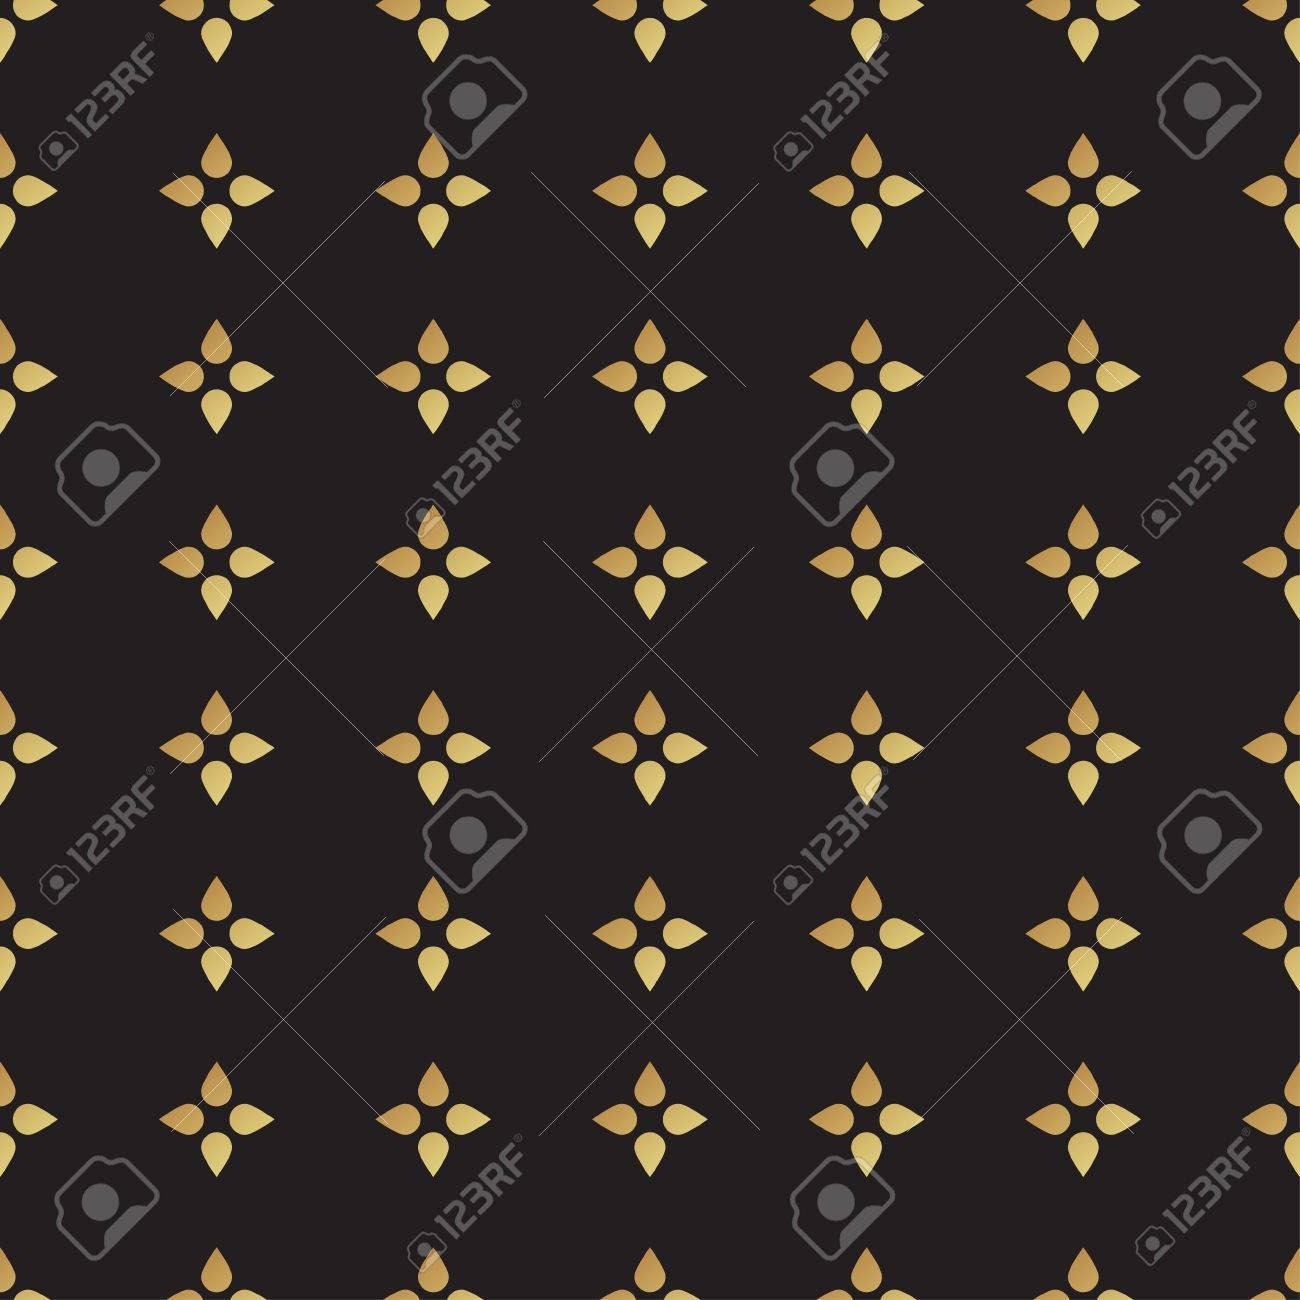 Noir Universel Vecteur Et Or Seamless Carrelage Polka Dot Ornements Geometriques Texture Pour Le Scrapbooking Papier D Emballage Textiles